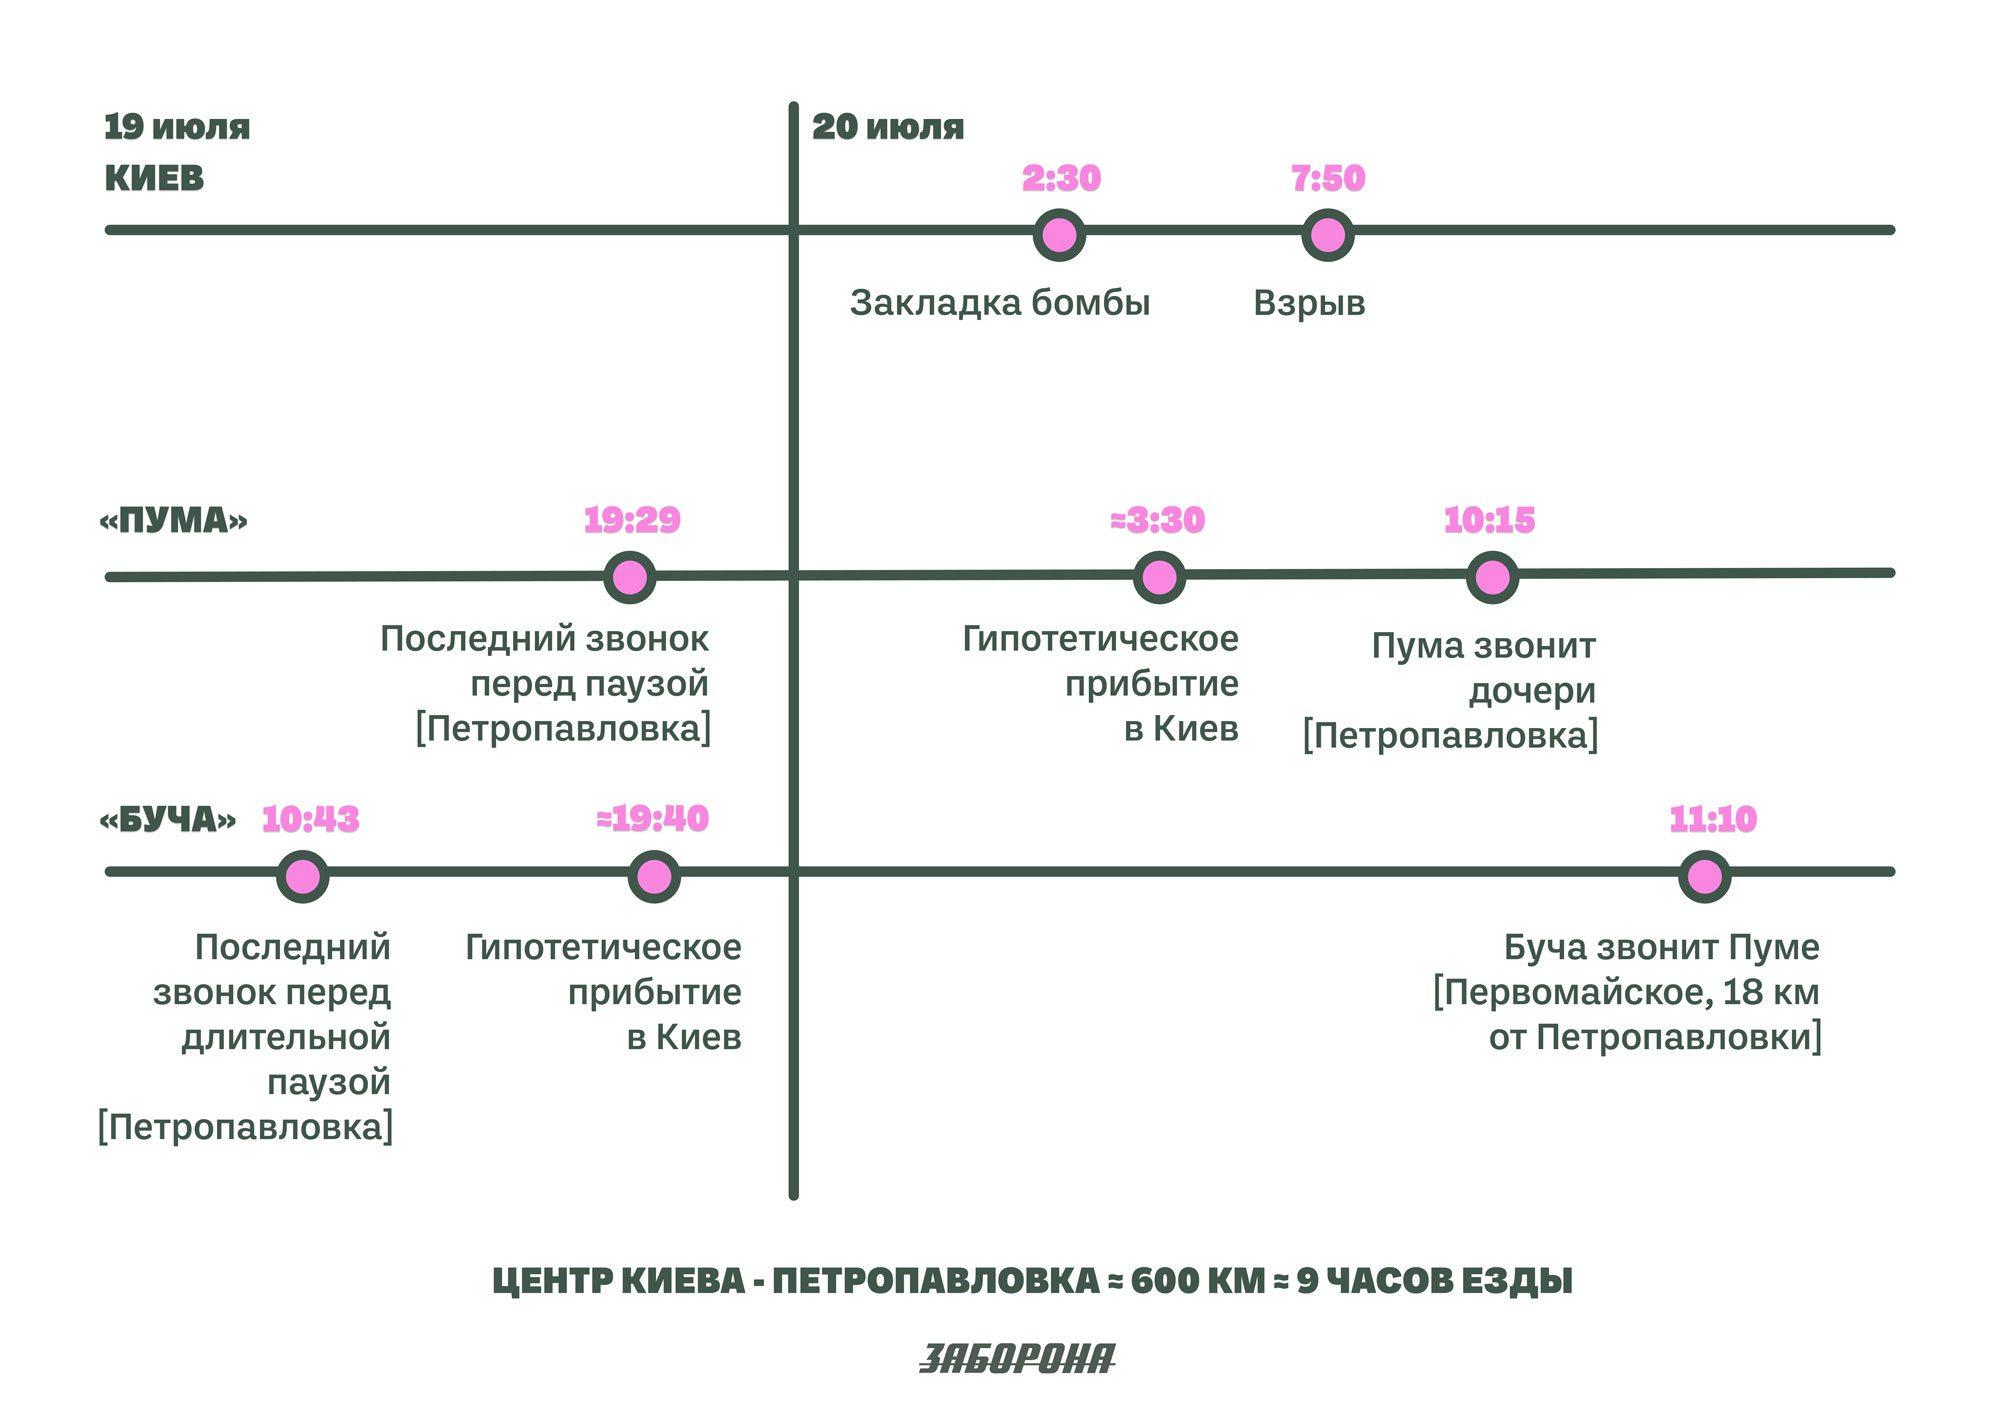 kyiv petropavlivka ru - <b>Бесславные подрывники.</b> История двух подозреваемых в деле Шеремета — и целой криминальной системы. Часть 1 - Заборона